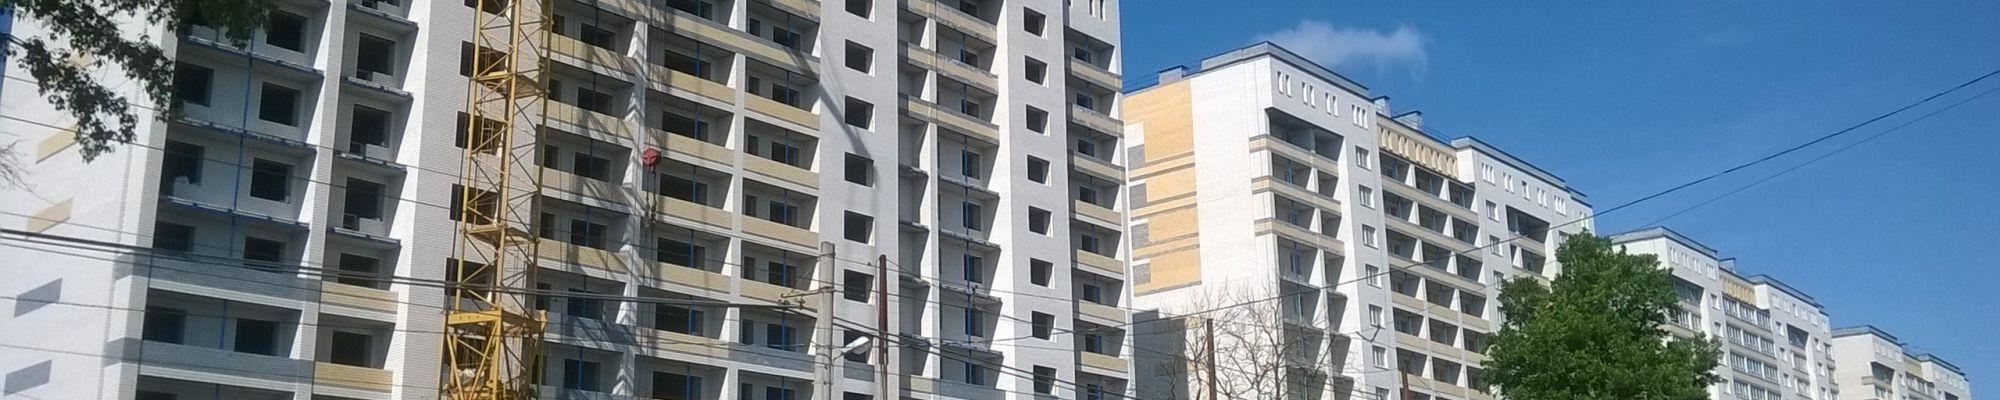 Продажа квартир и недвижимости от застройщика